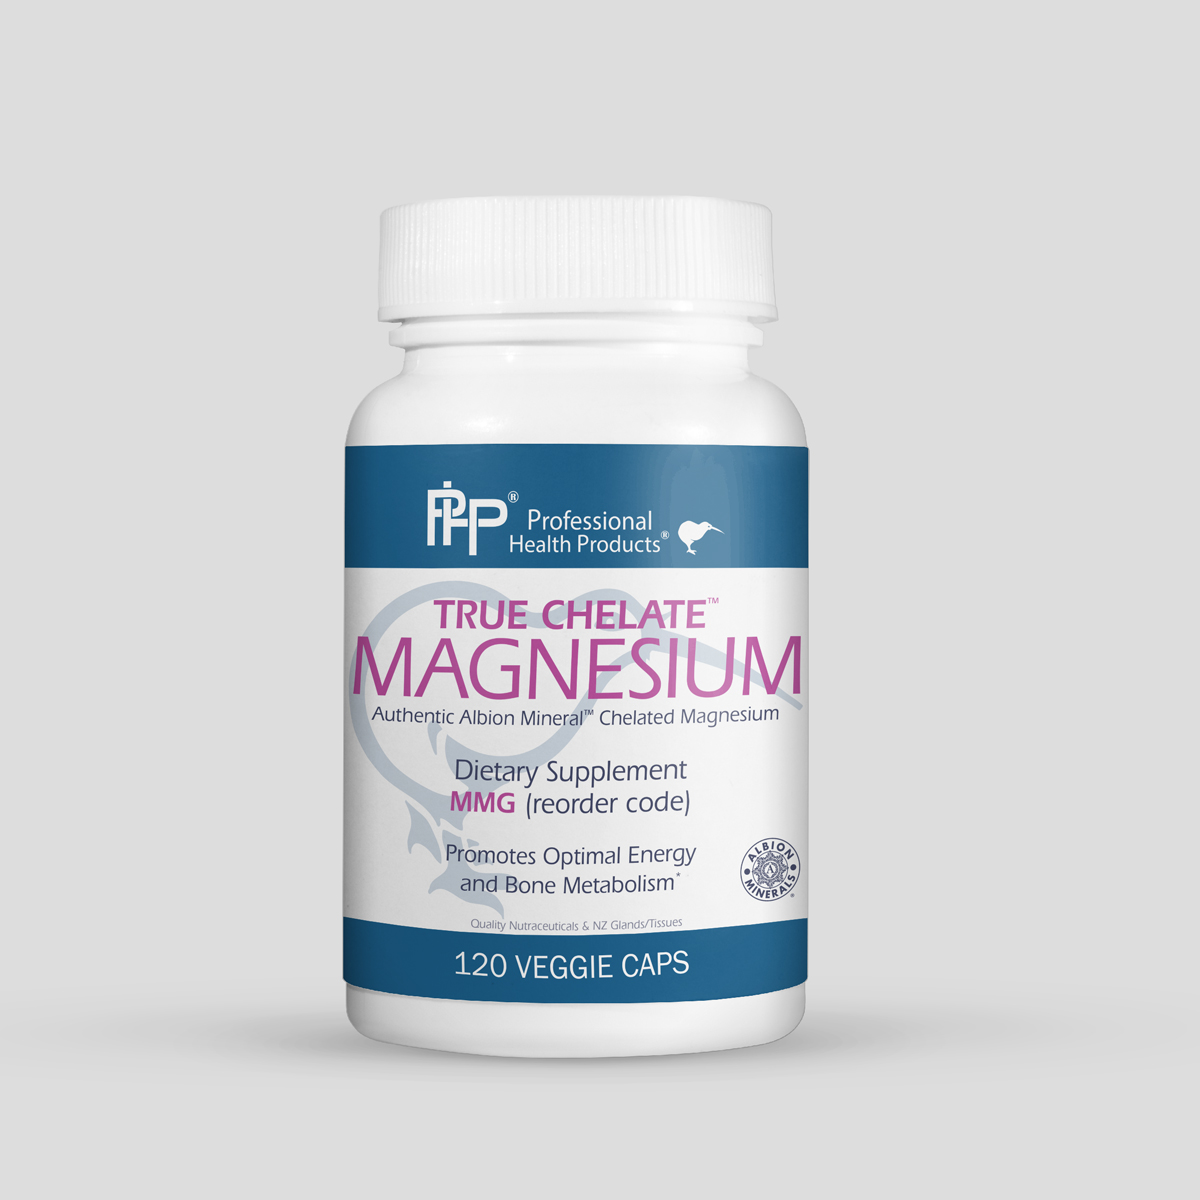 True Chelate Magnesium